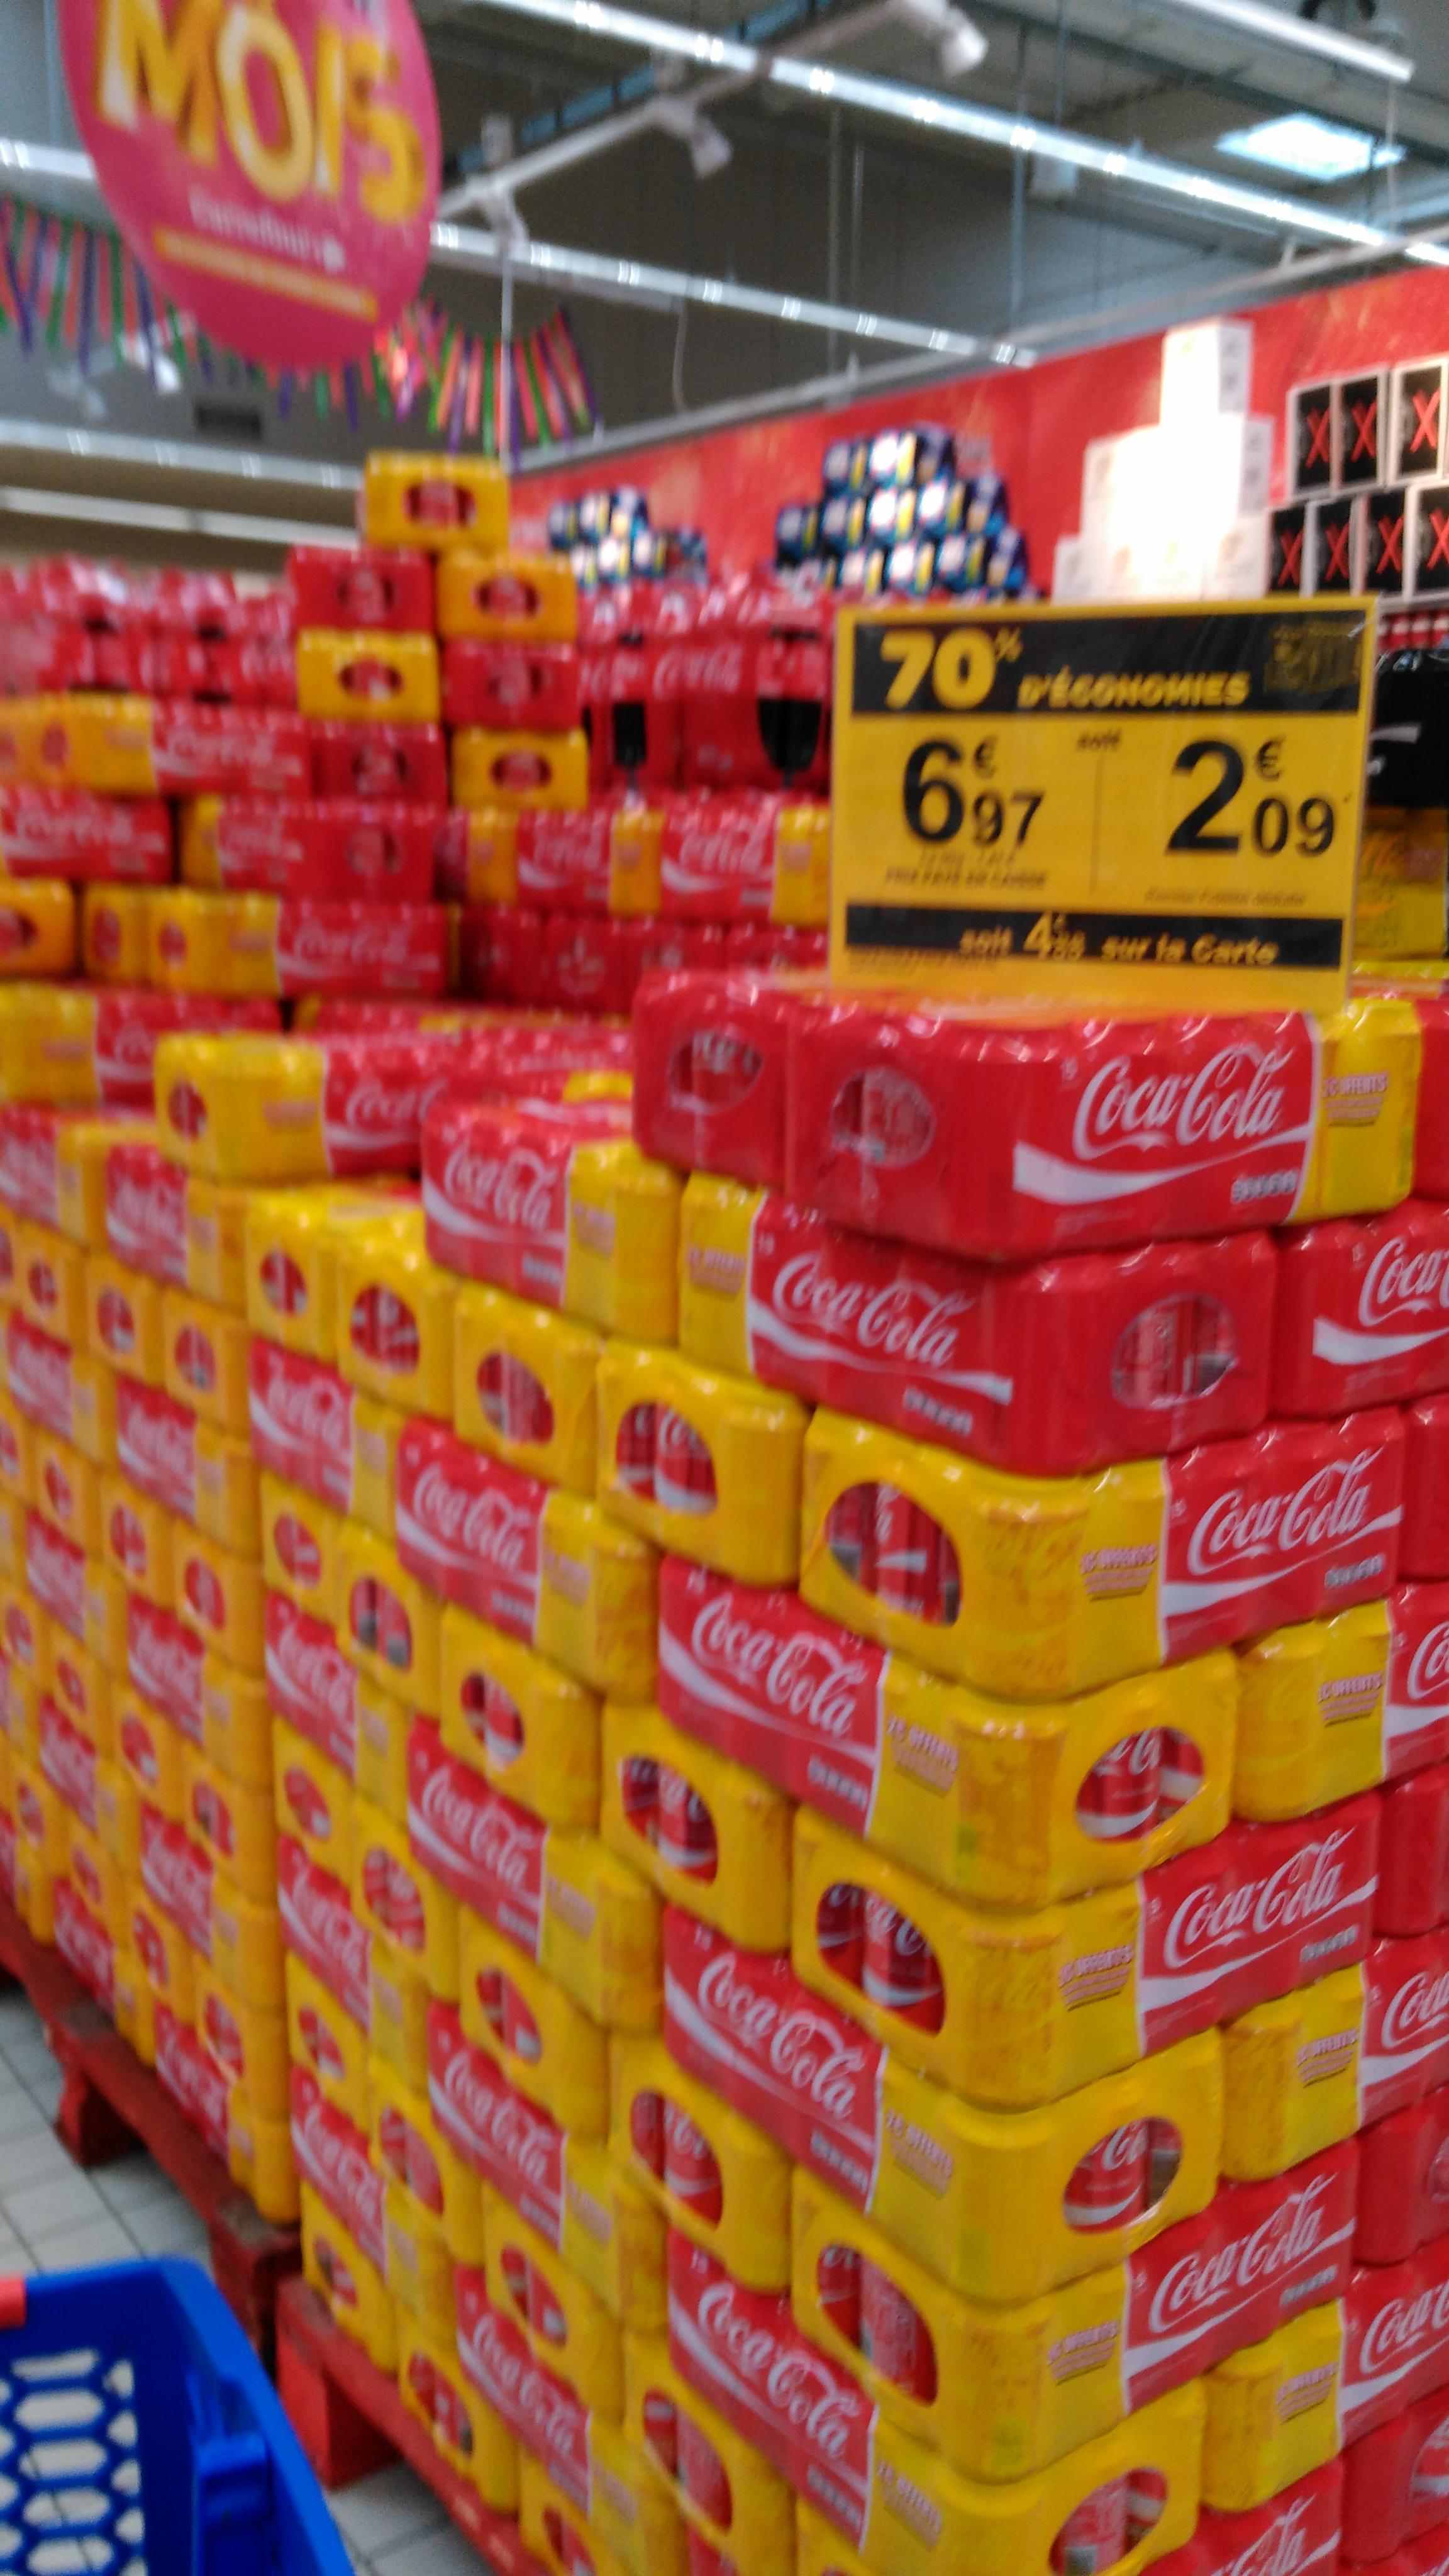 Pack de 15 canettes 33 cl de Coca-Cola (70% sur la carte)